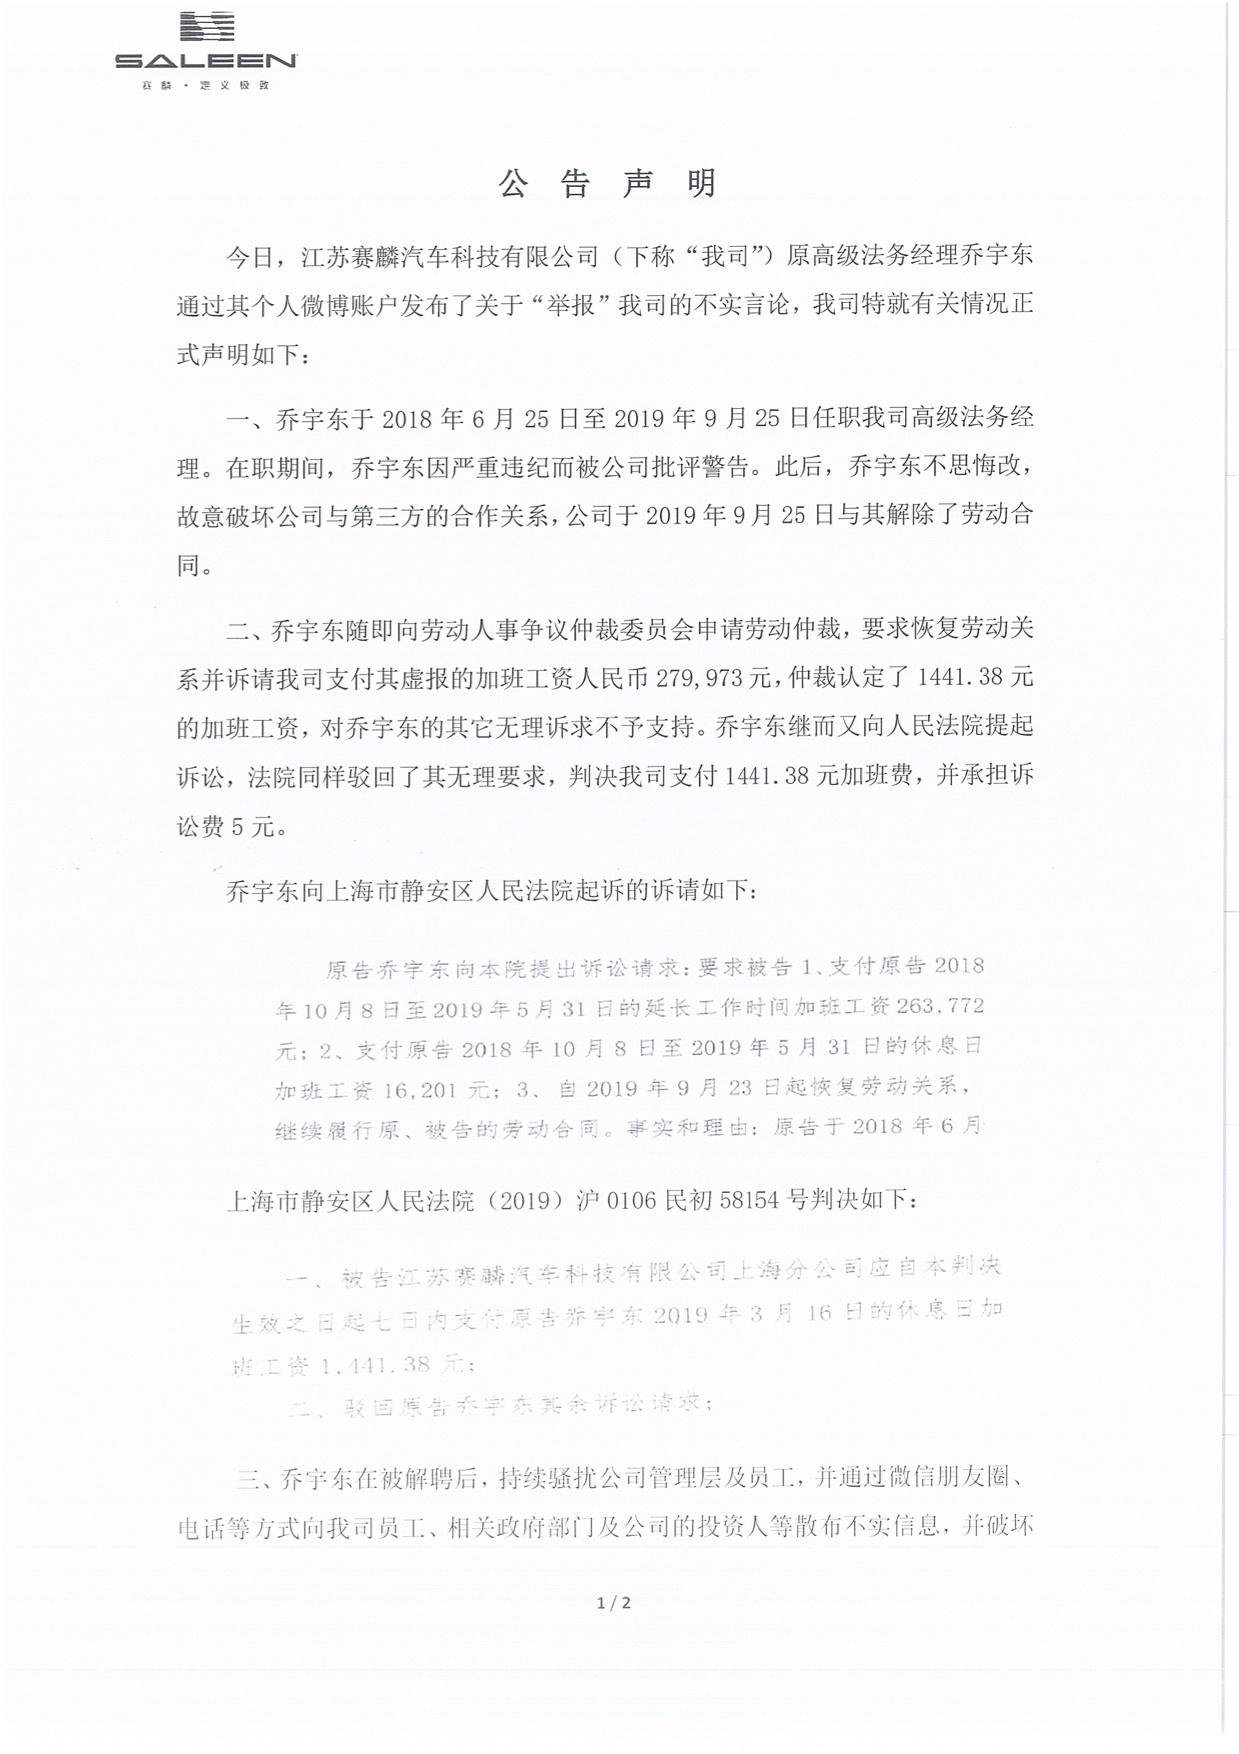 「高德招商」汽车回应乔宇东实名举报王晓麟高德招商称图片